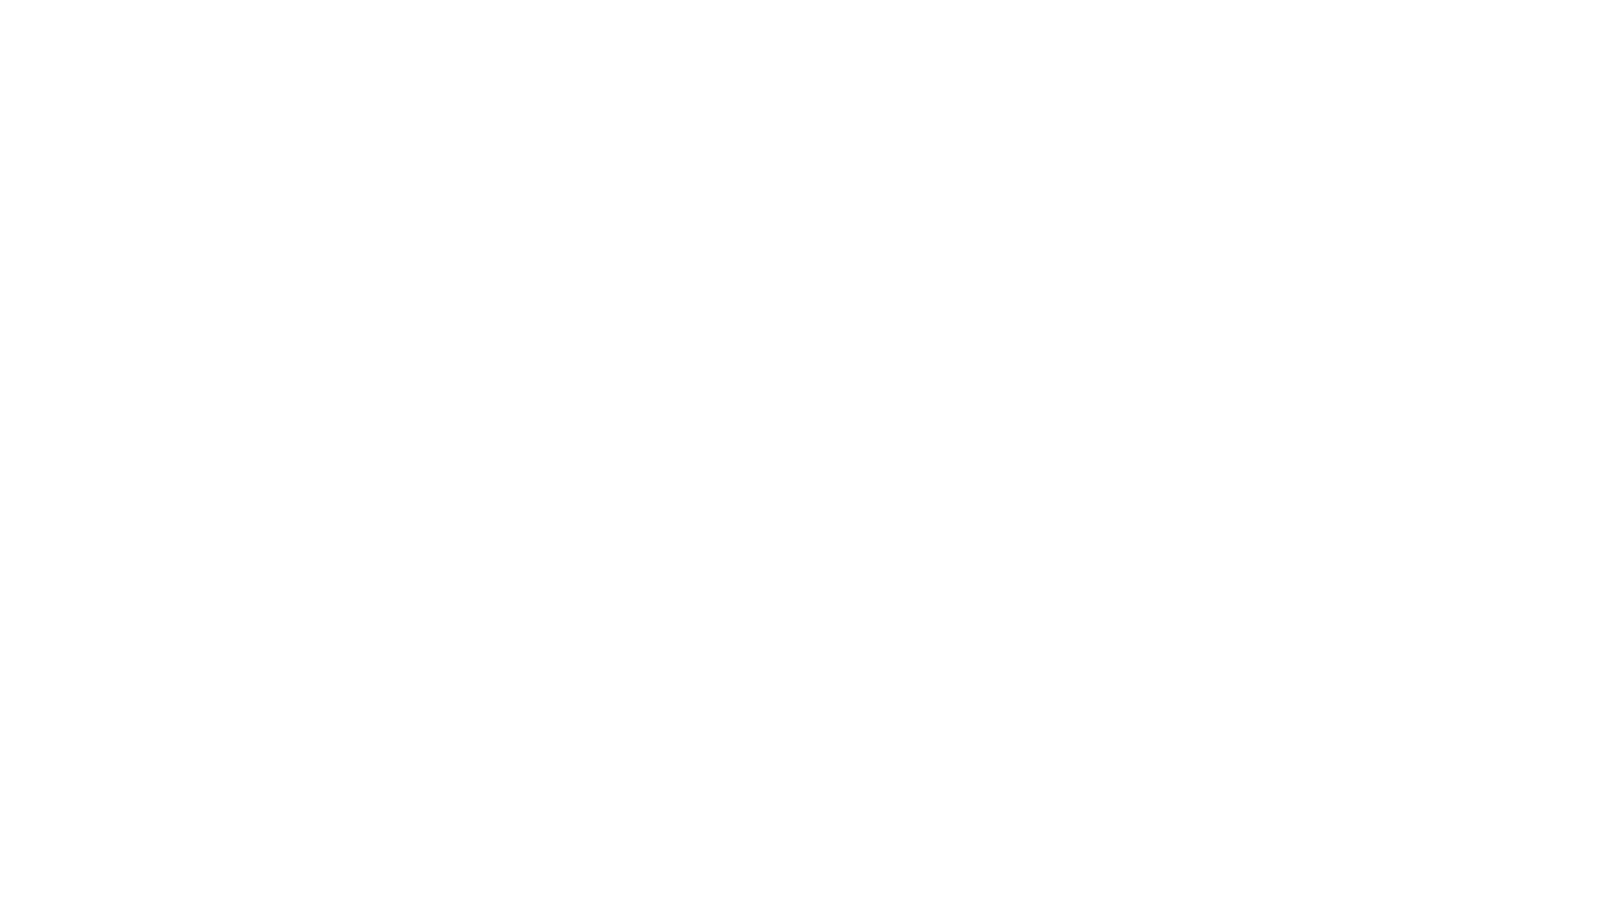 Una nueva edición de esta maratón de aguas abiertas se disputó el sábado 1ero. de febrero. La competencia se largí al rededor de las 17:15 hs. y participaron 35 inscriptos, arribando en su totalidad al puerto local todos ellos provenientes de distintas ciudades: La Paz, Santa Fe, Paraná, Viale, Piedras Blancas y Villa Hernandarias. En conjunto con ambos municipios se trabajó para organizar toda la logística previa, durante y luego de esta verdadera fiesta del deporte. Agradecemos la colaboración de Prefectura Naval Argentina y su equipo de profesionales, Bomberos Voluntarios de Hernadarias y su equipo de apoyo en agua y tierra, al Hospital de Hernadarias por la ambulancia y enfermera, a Cruz Roja Argentina filial Paraná por el apoyo en agua de gomón especializado para primeros auxilios y traslado, a las lanchas de apoyo de traslado de personal de la organización, a los remeros locales y de otras localidades que guiaron a nadadores, a los empleados municipales por toda la logística, a los oficiales de tránsito que ordenaron circulación del lugar, a los profesores del Área de Deporte Municipal, al encargado de sonido y su equipo, al locutor y a la banda que finalizó esta bella jornada. Gracias a todos ellos y a todos lo que de una u otra manera apoyaron y colaboraron con el evento incluso comercios locales. Gracias y hasta el próximo año.